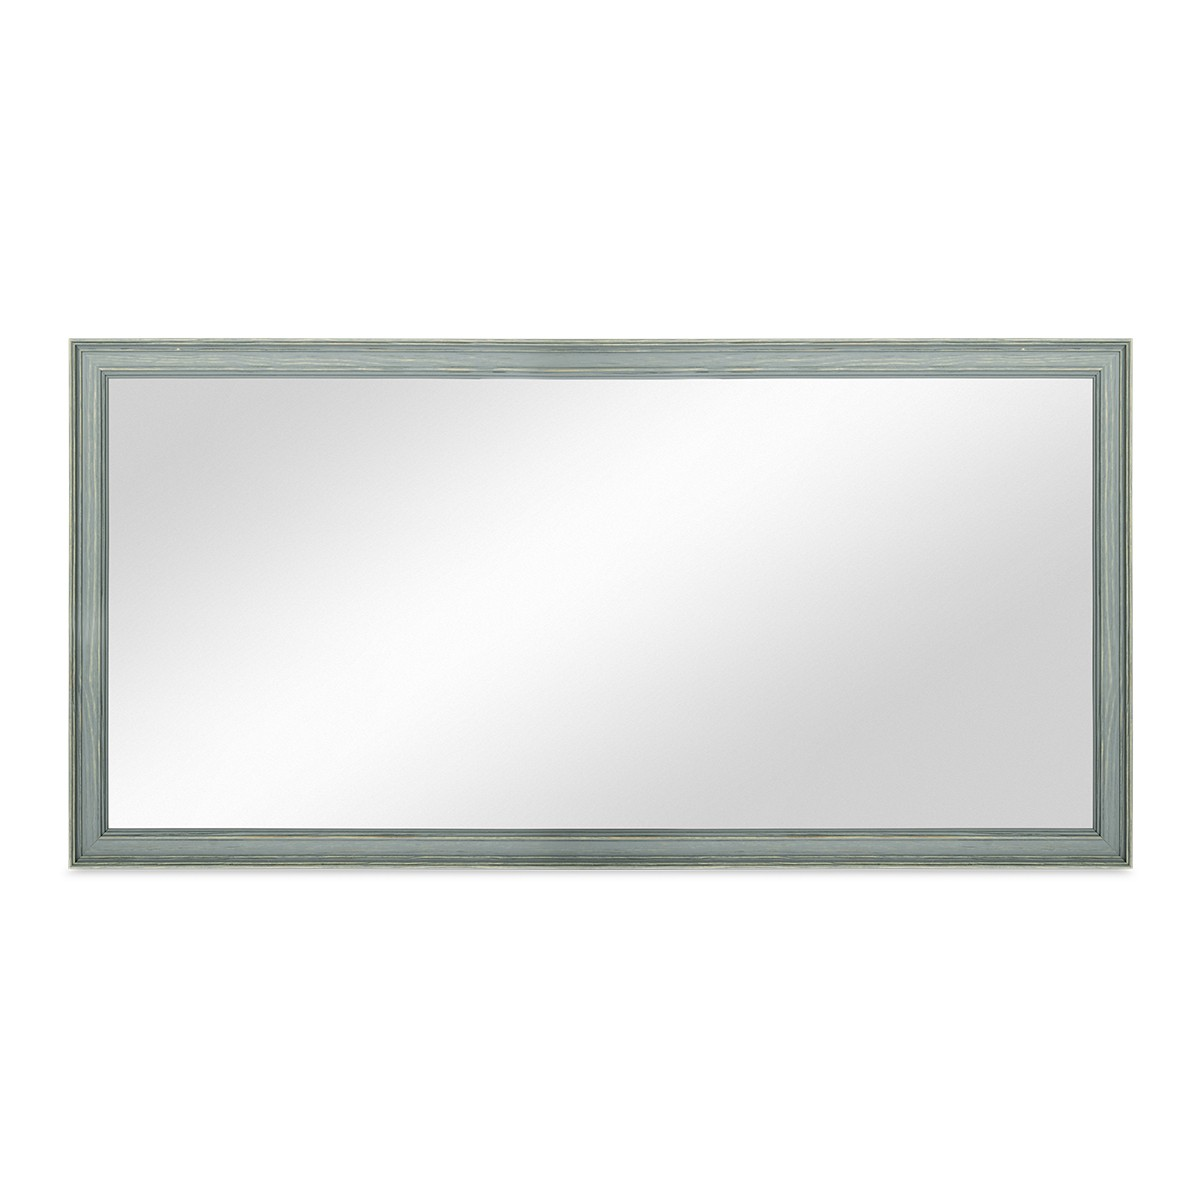 Wand spiegel 34x64 cm im holzrahmen skandinavisches design for Spiegel in spiegel